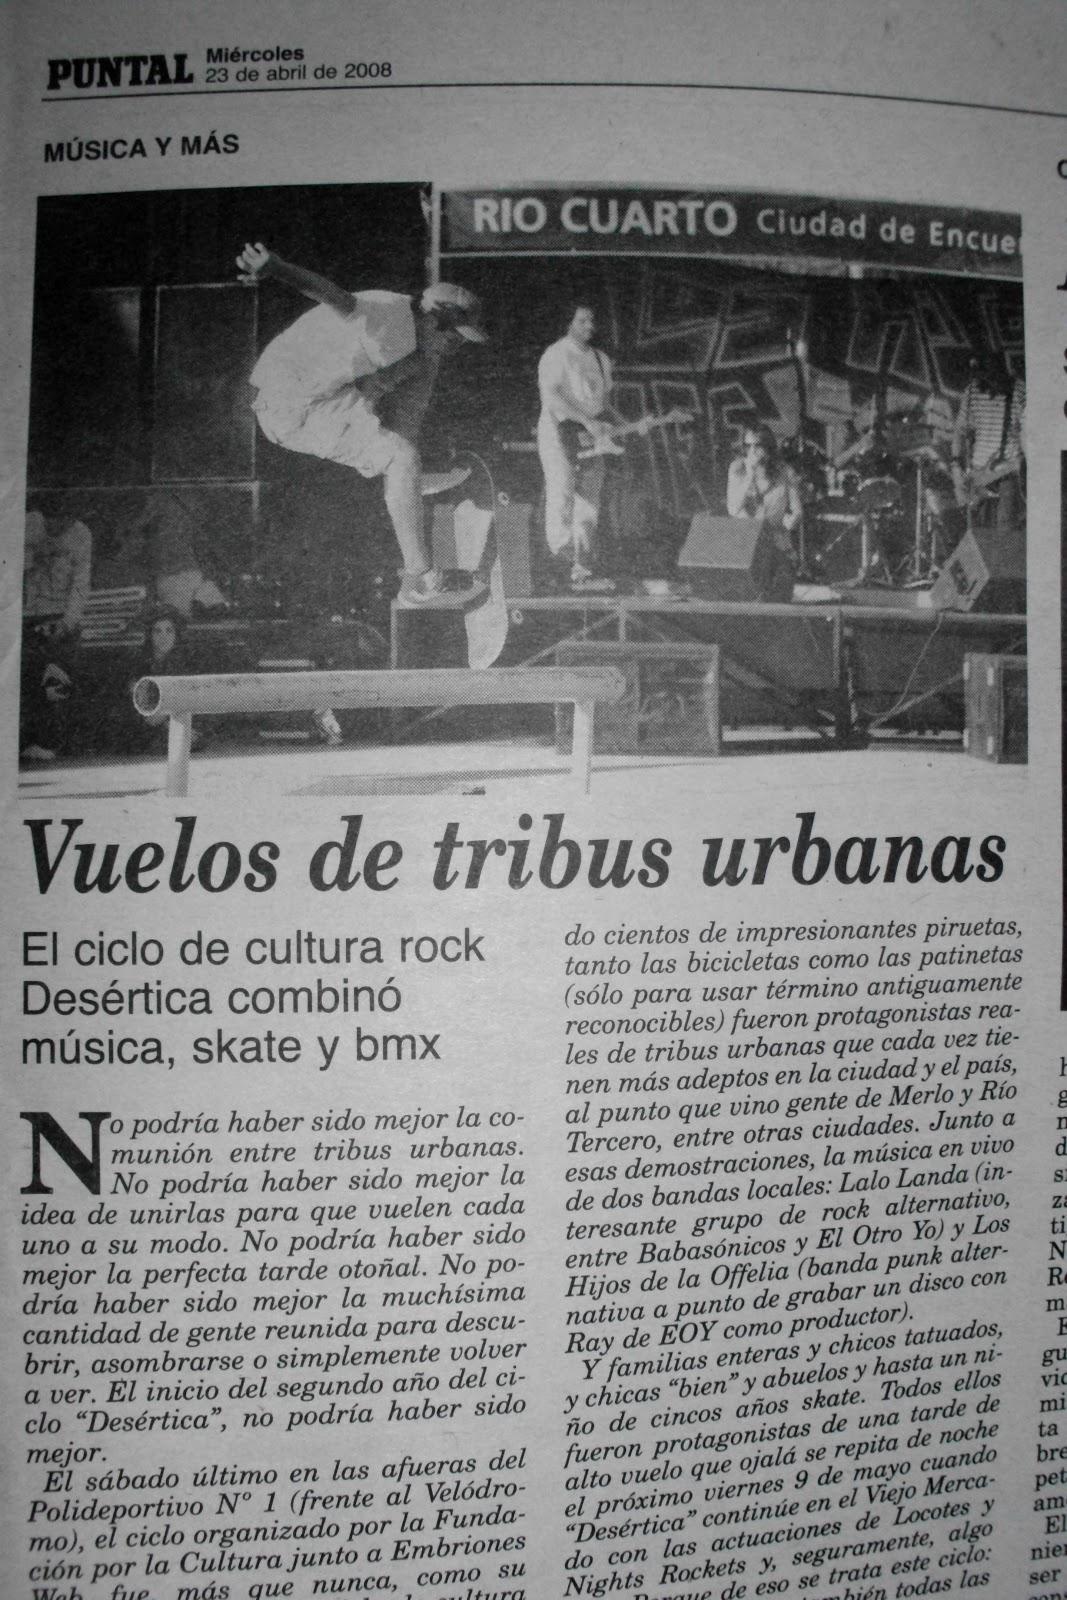 Proyecto Rock Río Cuarto: Ciclo Desertica año 2008 Diario Puntal